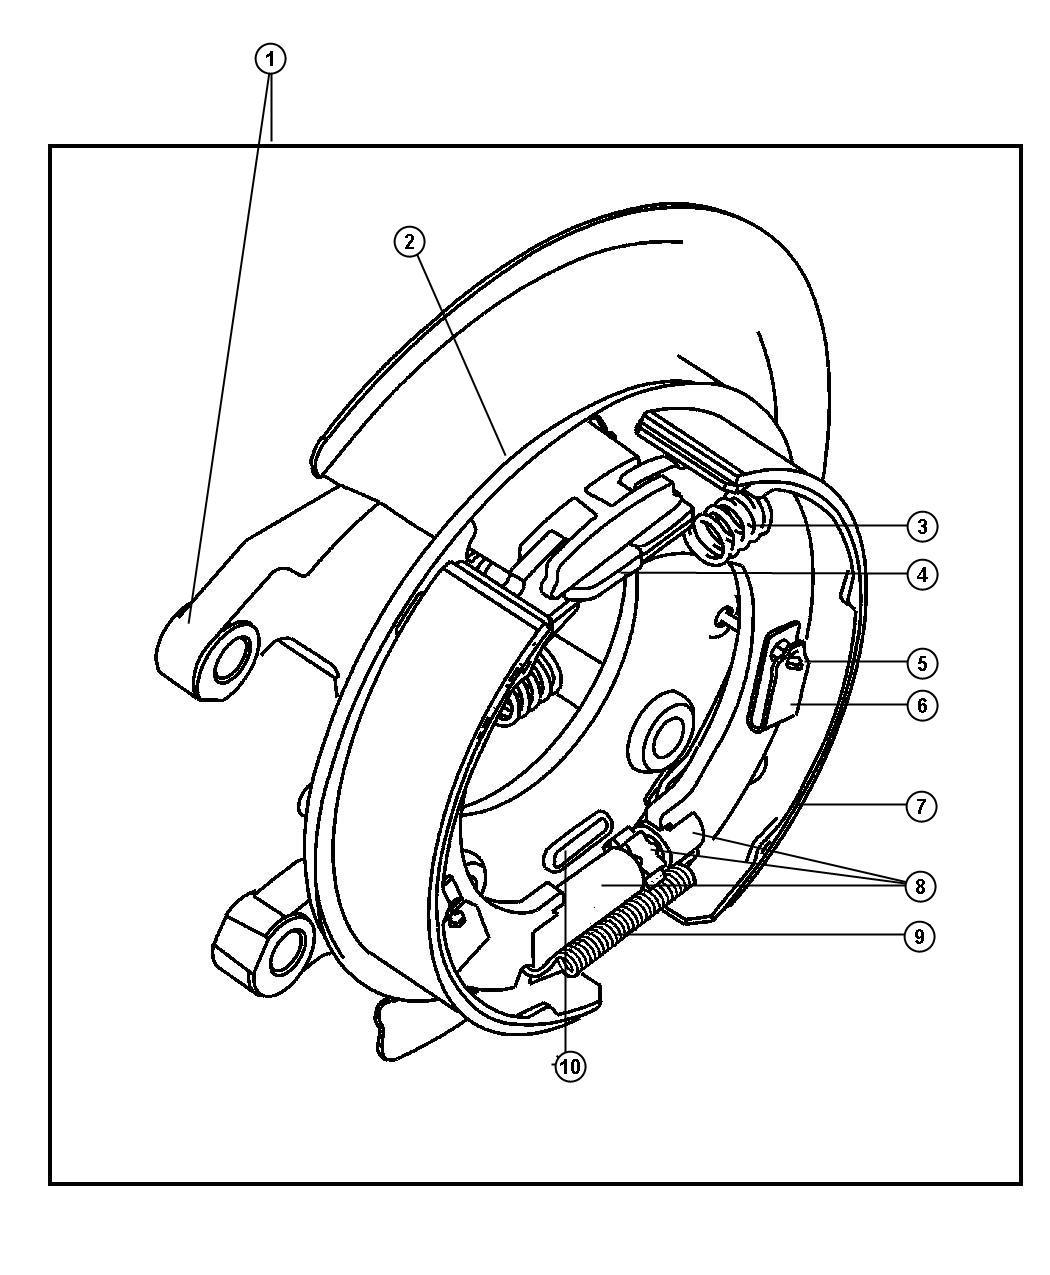 2001 dodge ram 1500 adapter  parking brake  complete